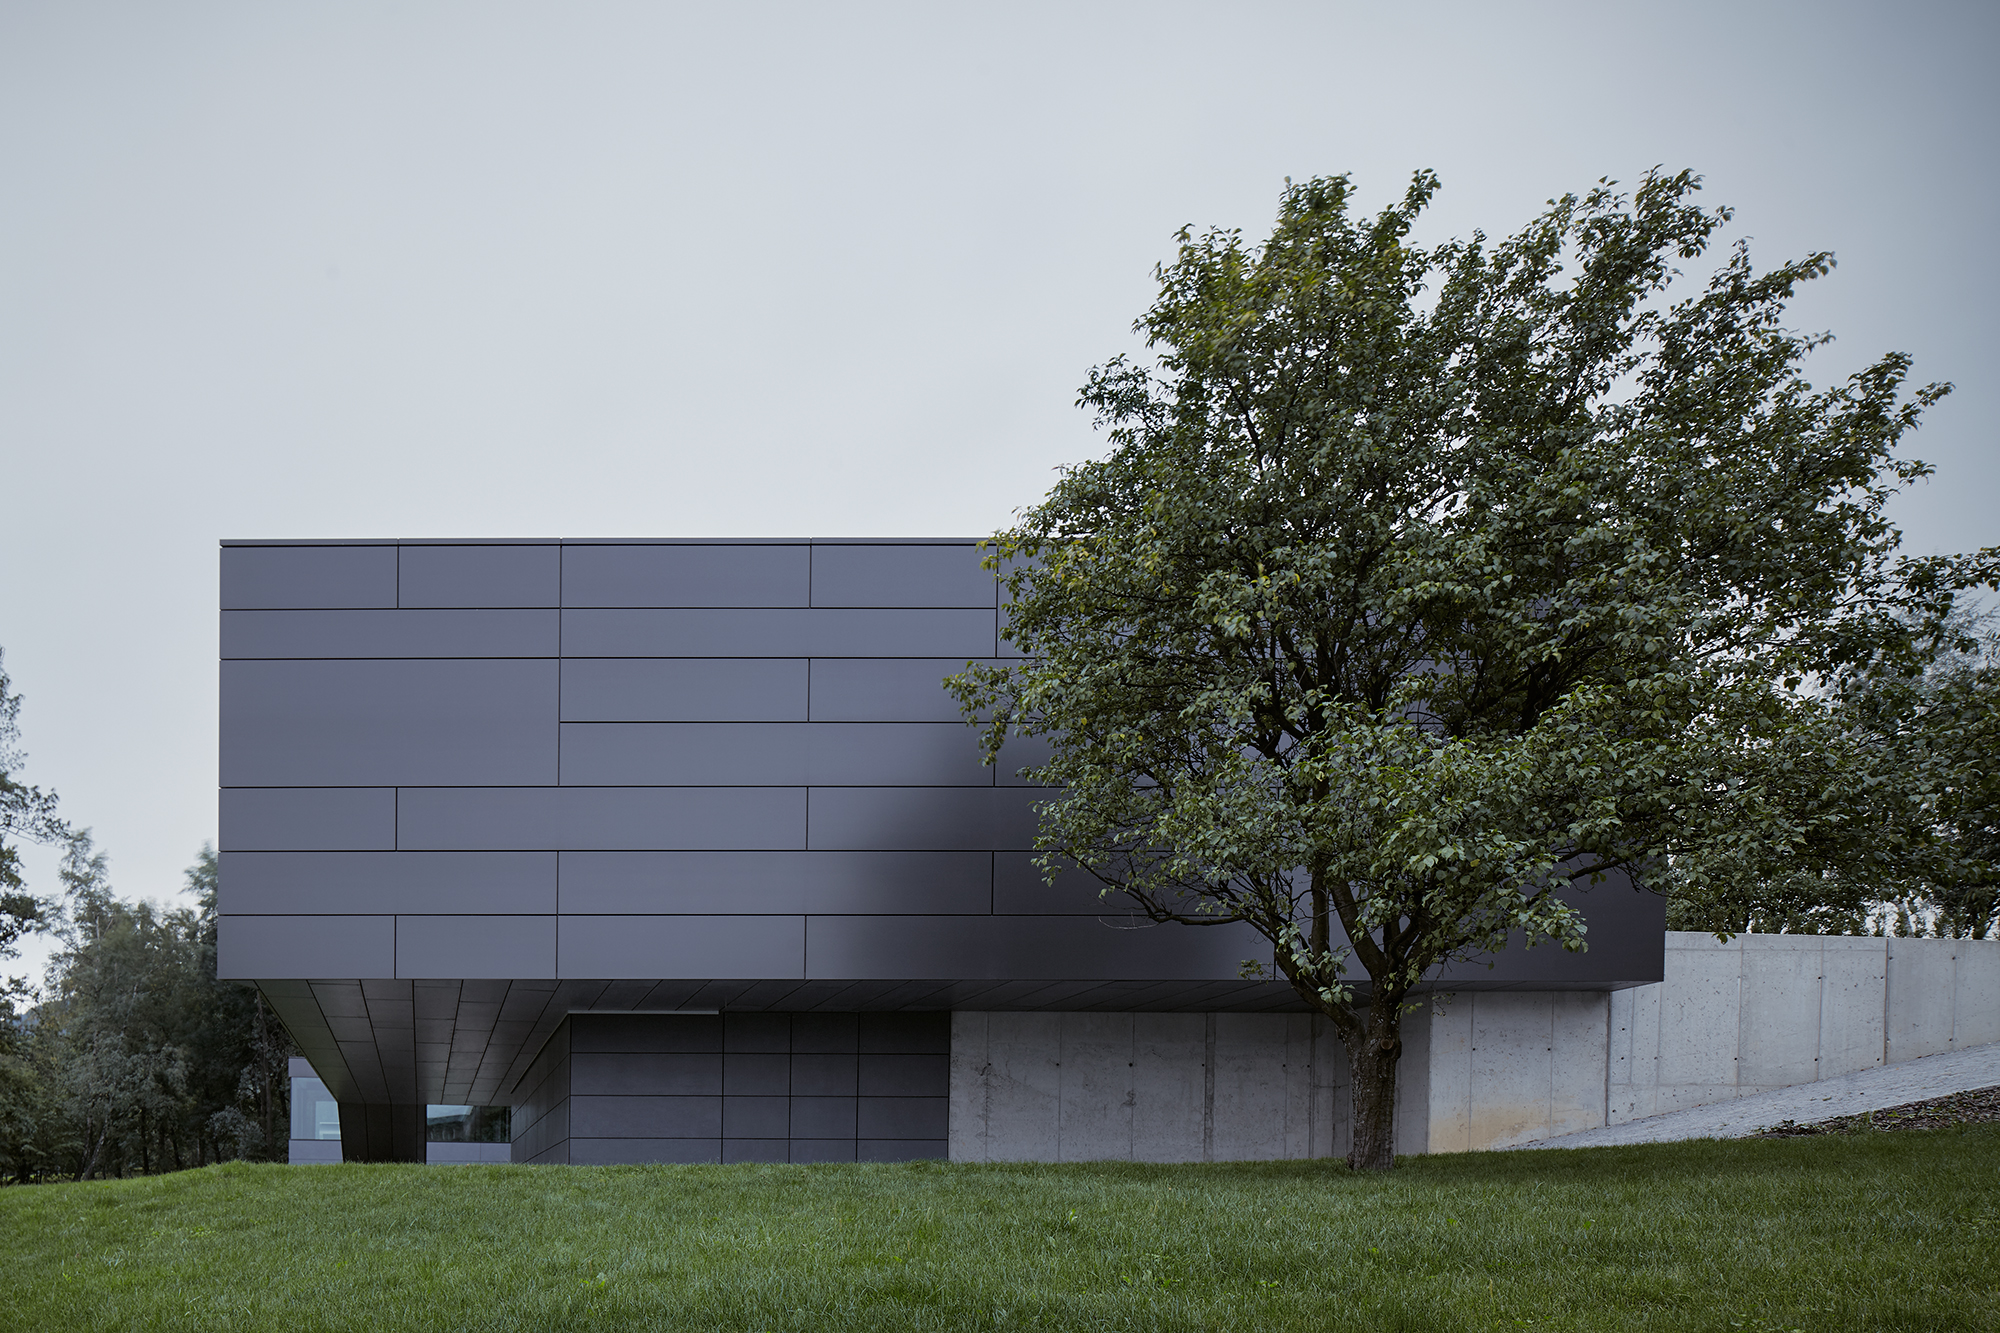 02_Letni_dum_Celadna_CMC_architects_BoysPlayNice.jpg